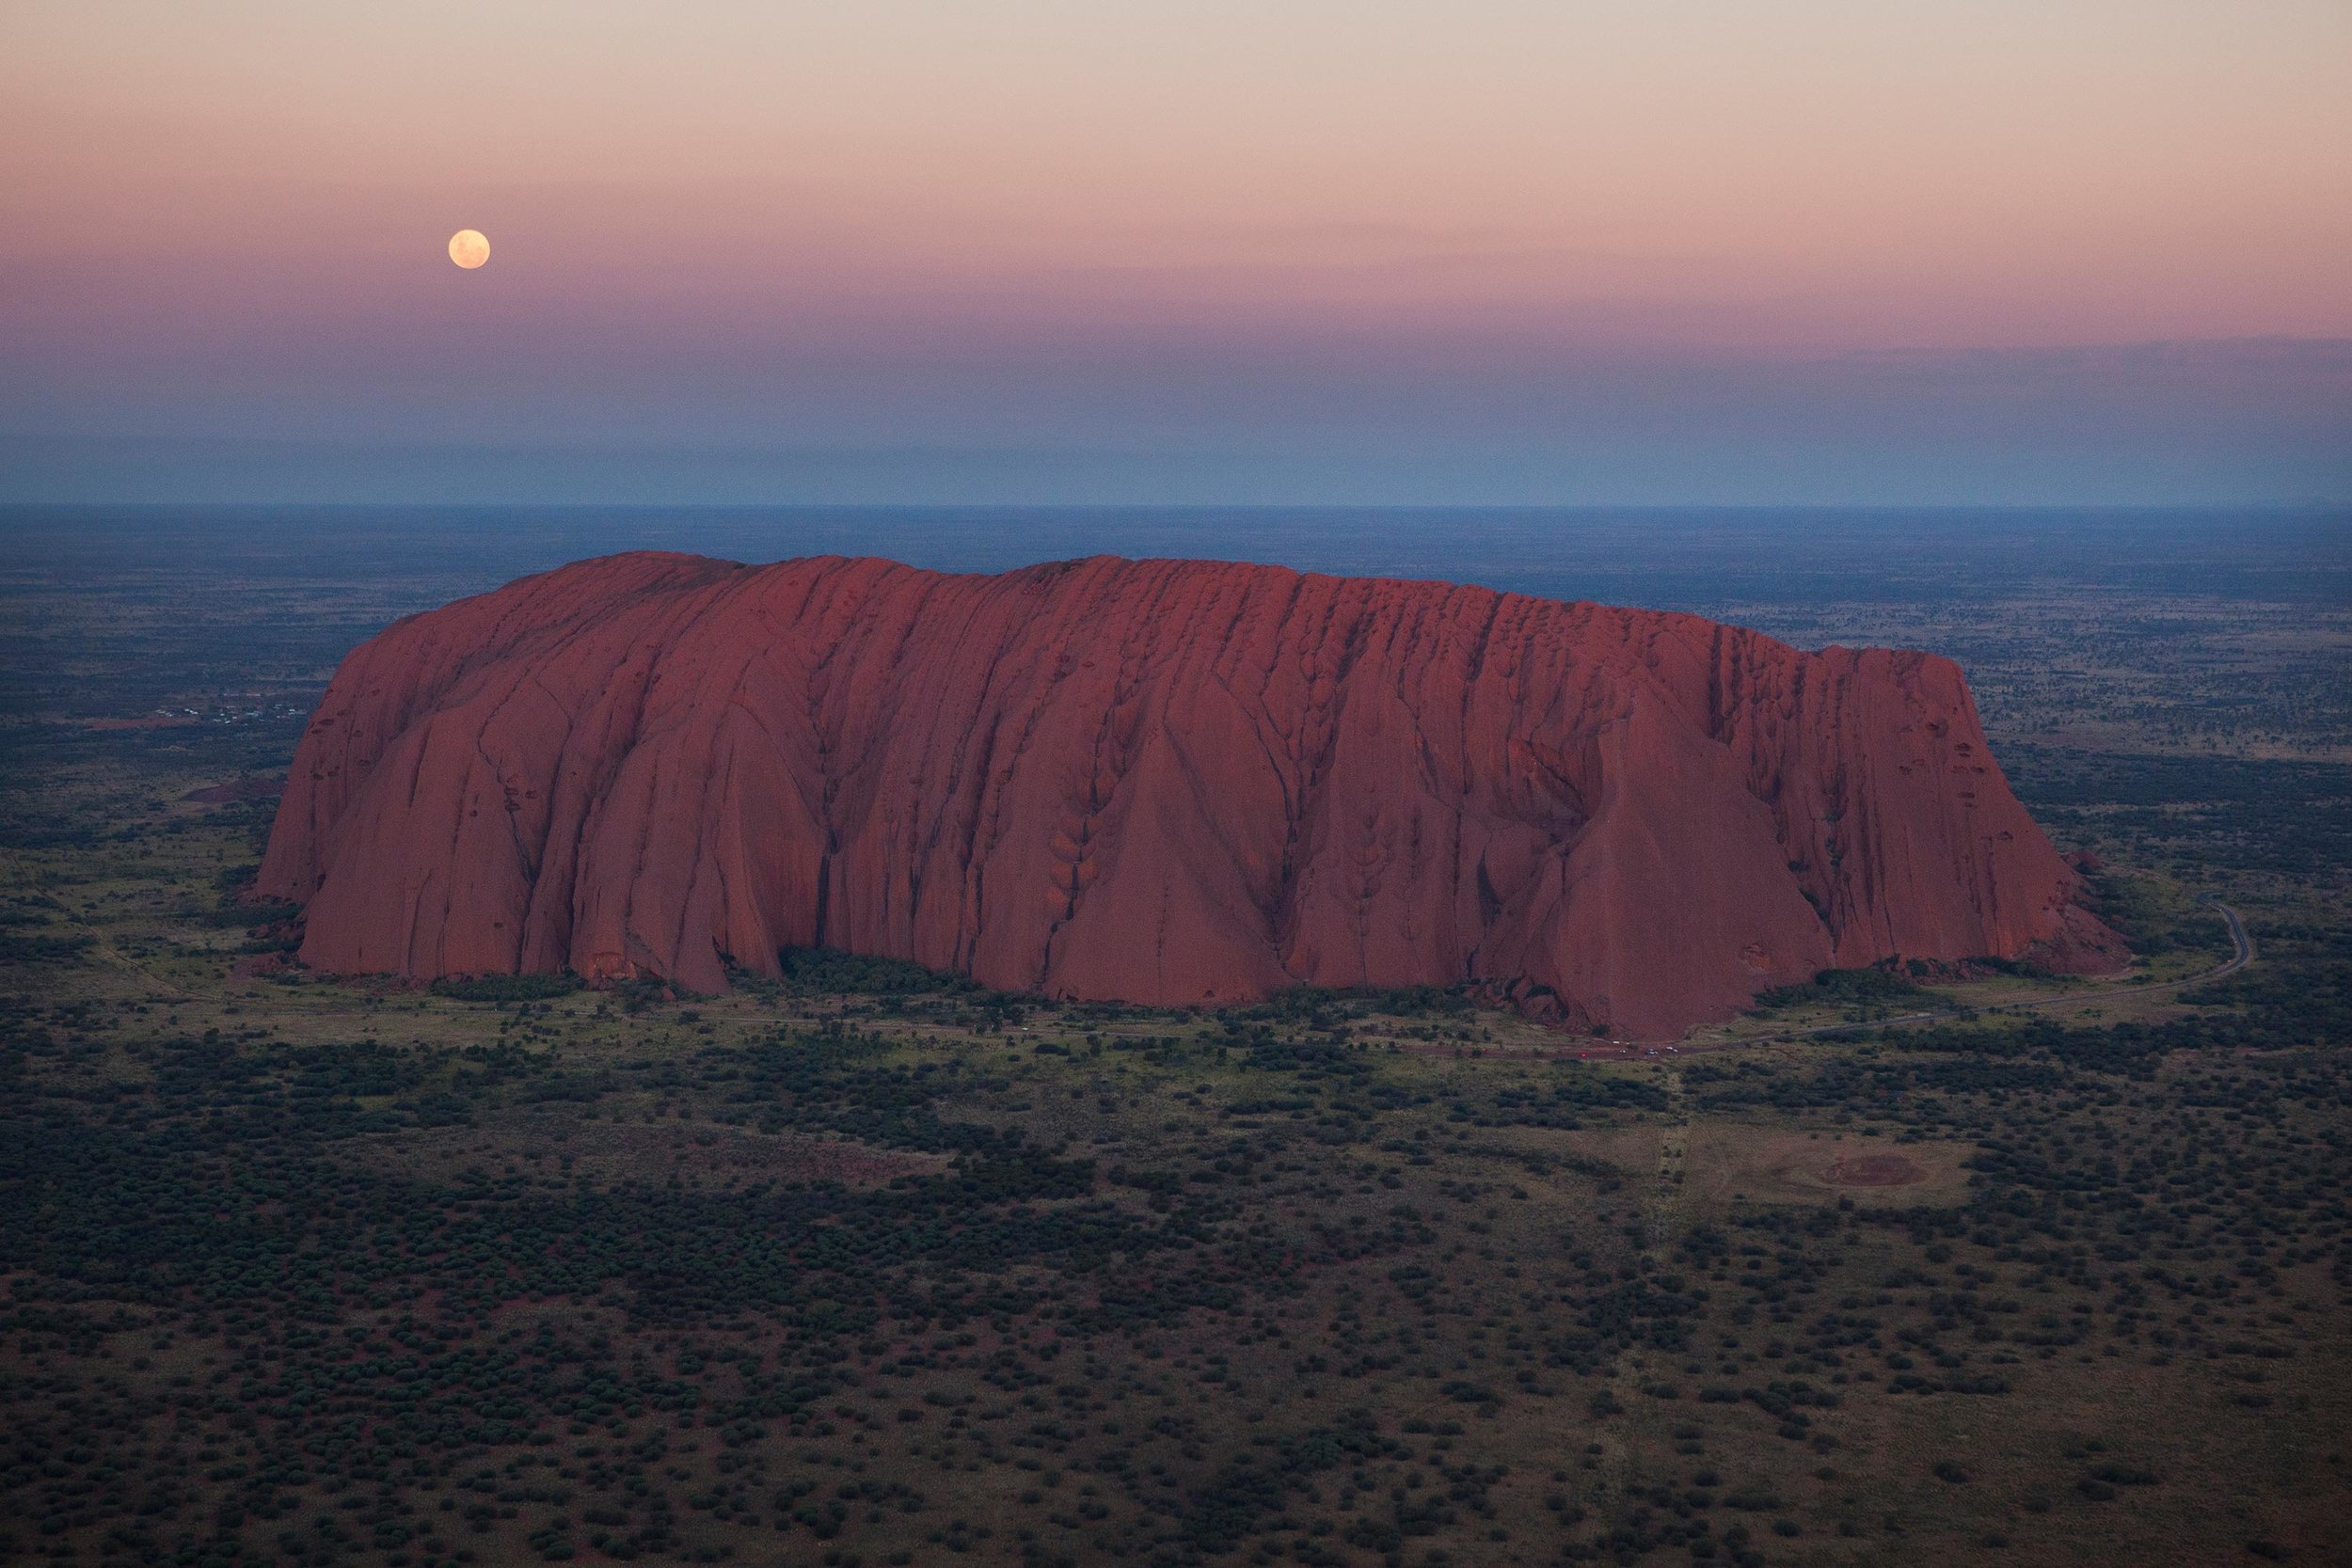 australia_australia_travel_guides.jpg